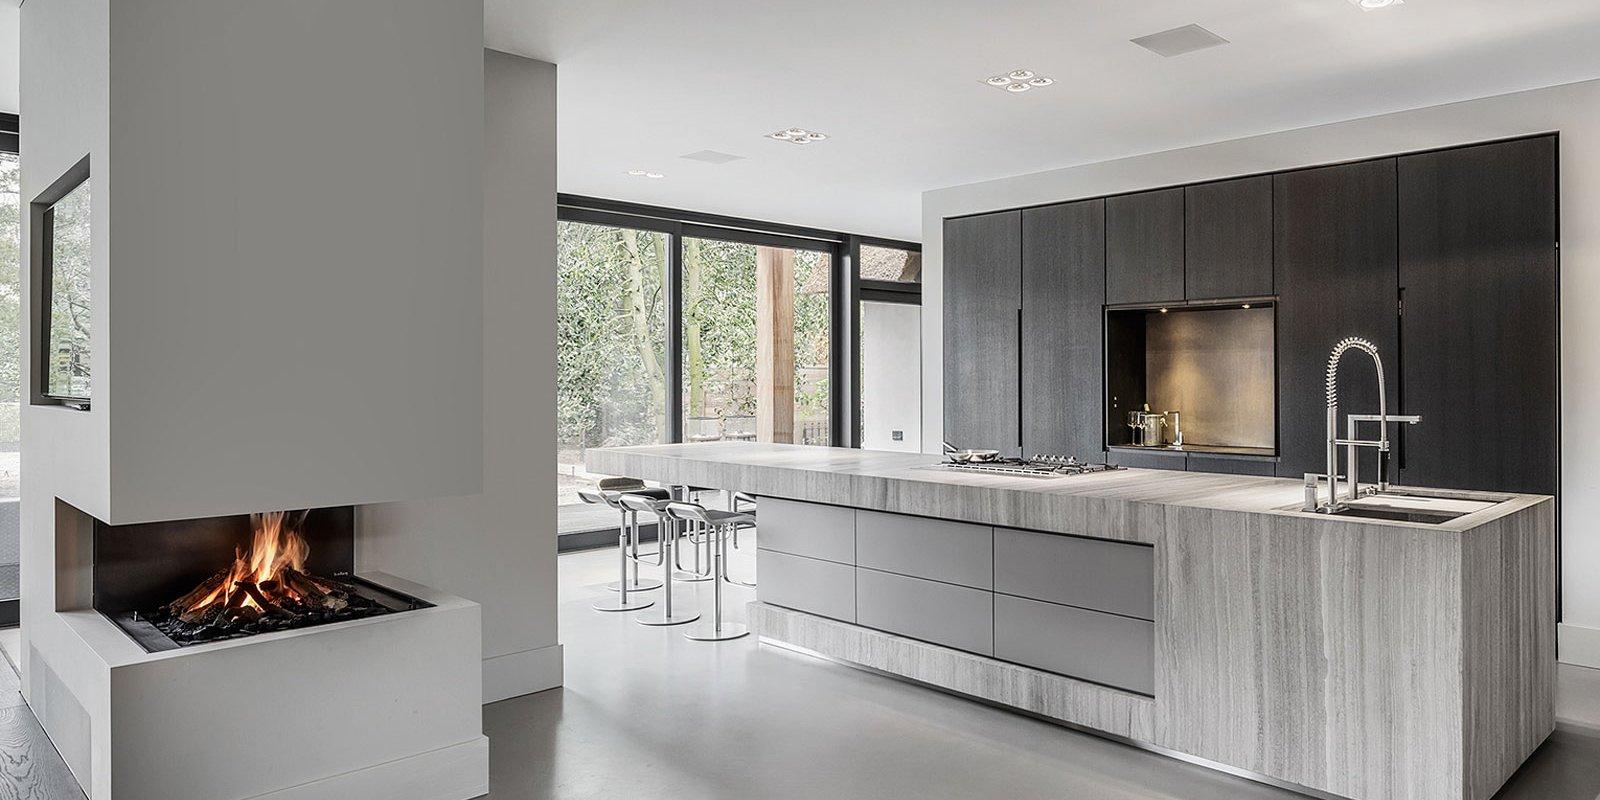 Keuken, Glenn Reynaerts, the art of living, landelijk moderne keuken